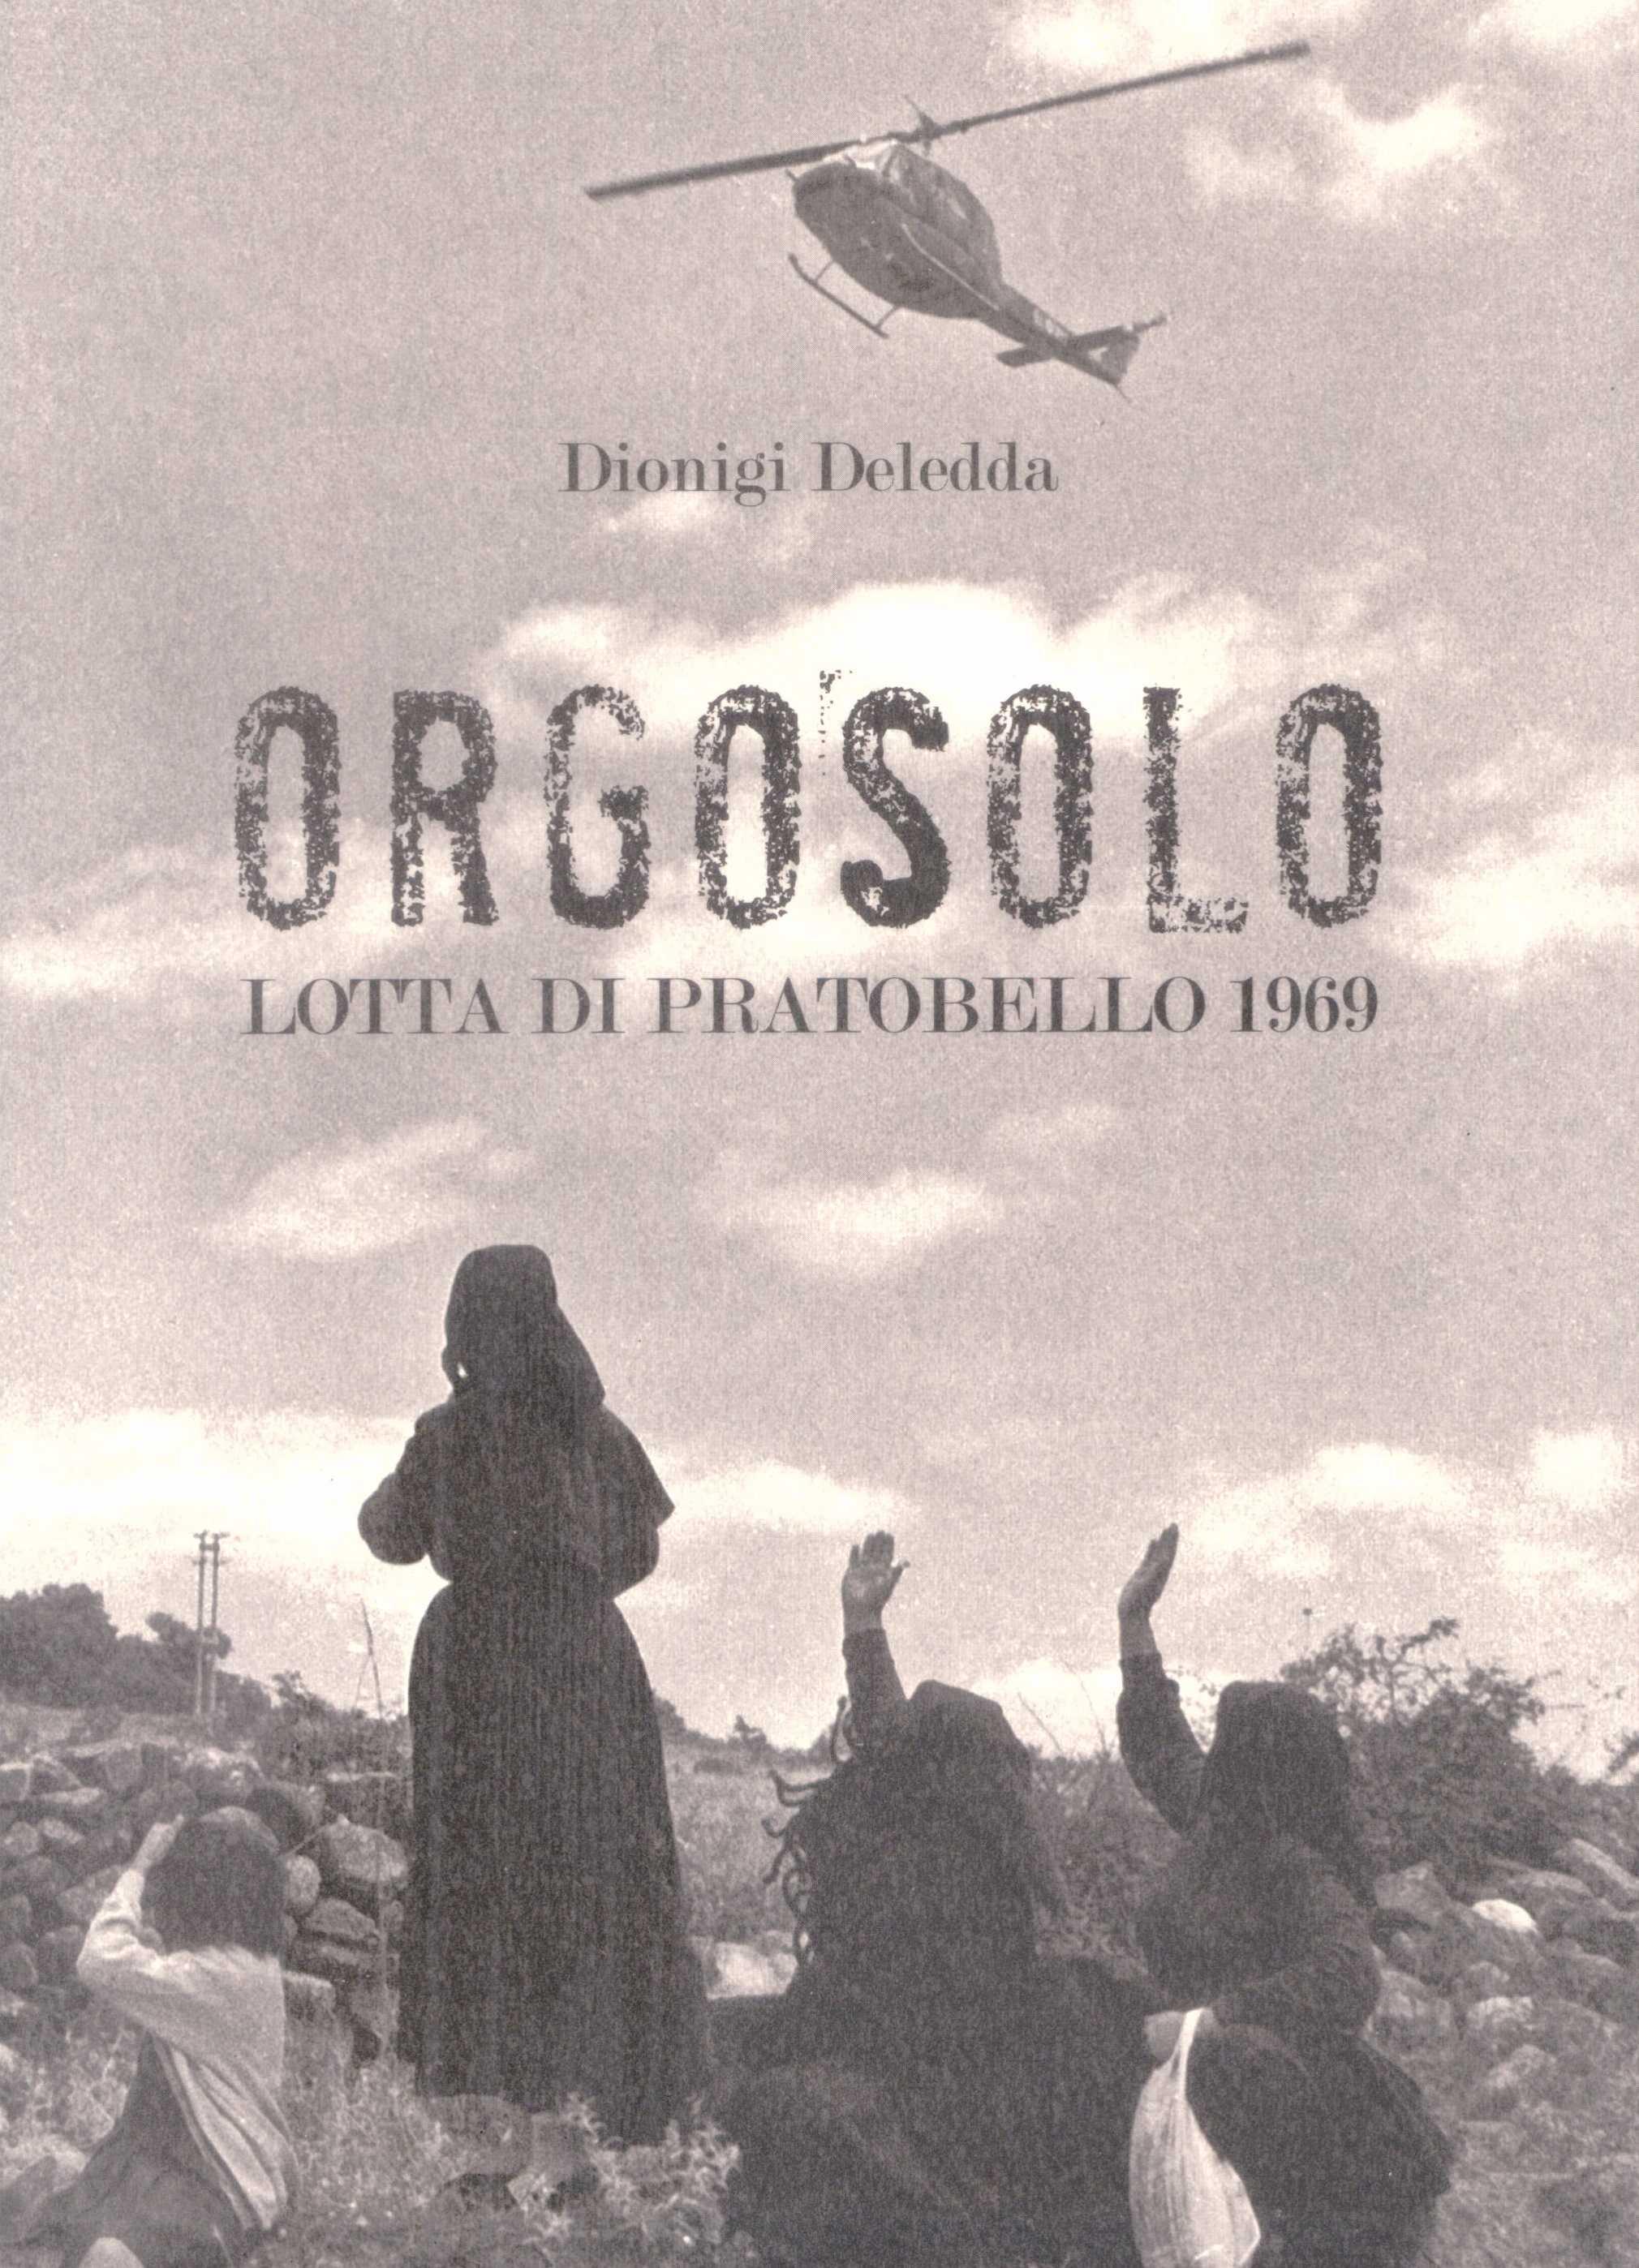 """La copertina del libro di Dionigi Deledda """"Orgosolo. Lotta di Pratobello 1969"""""""